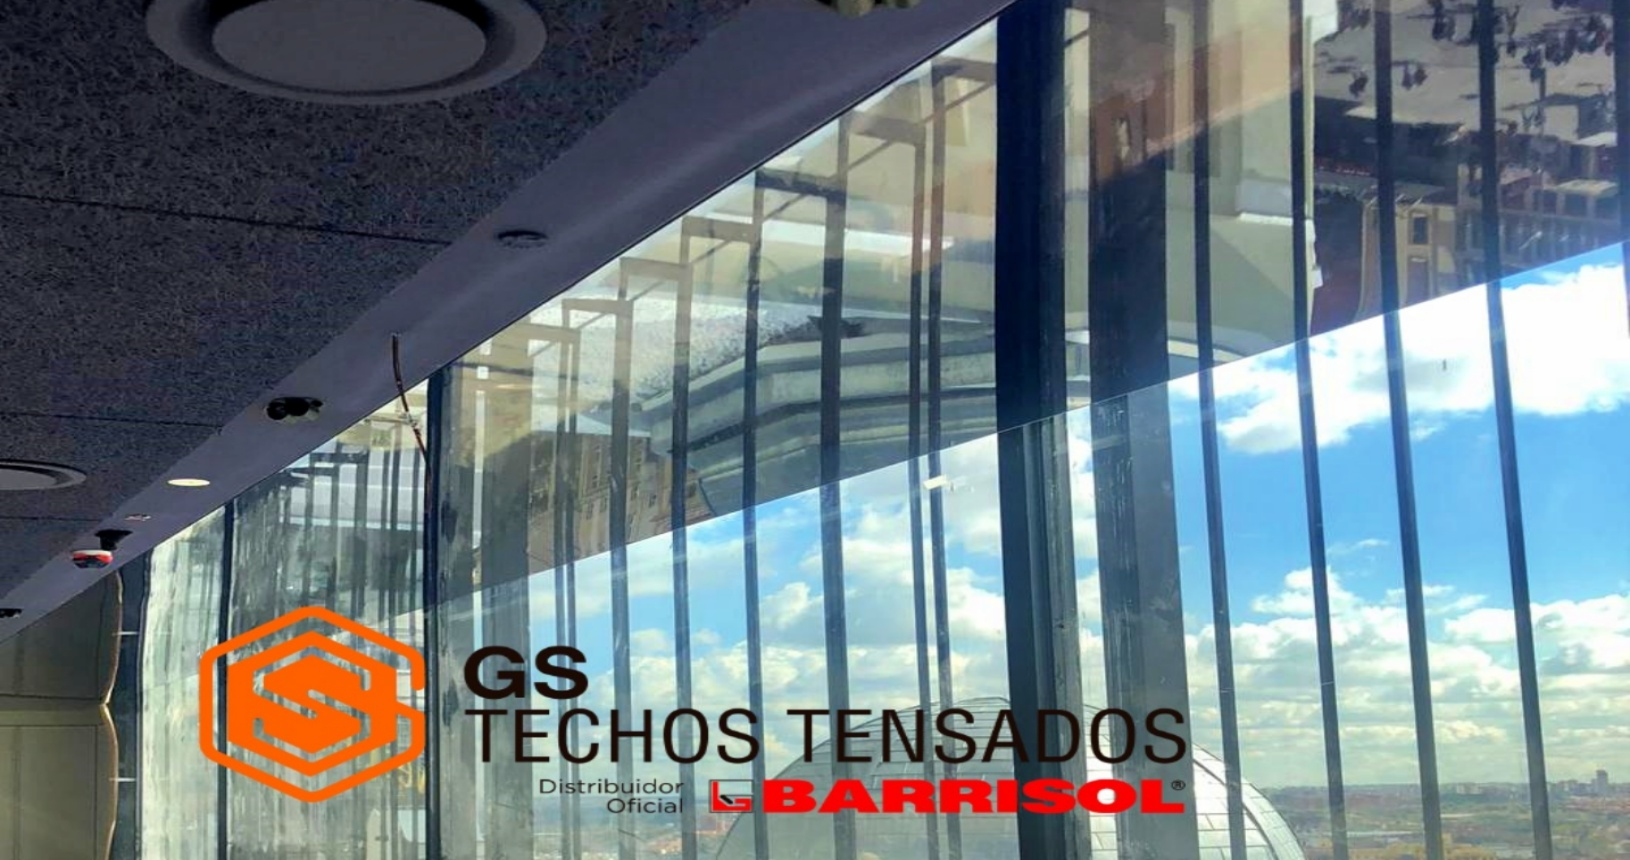 Techo Tensado para My Way Sky Madrid, imagen del techo y ventanal del restaurante